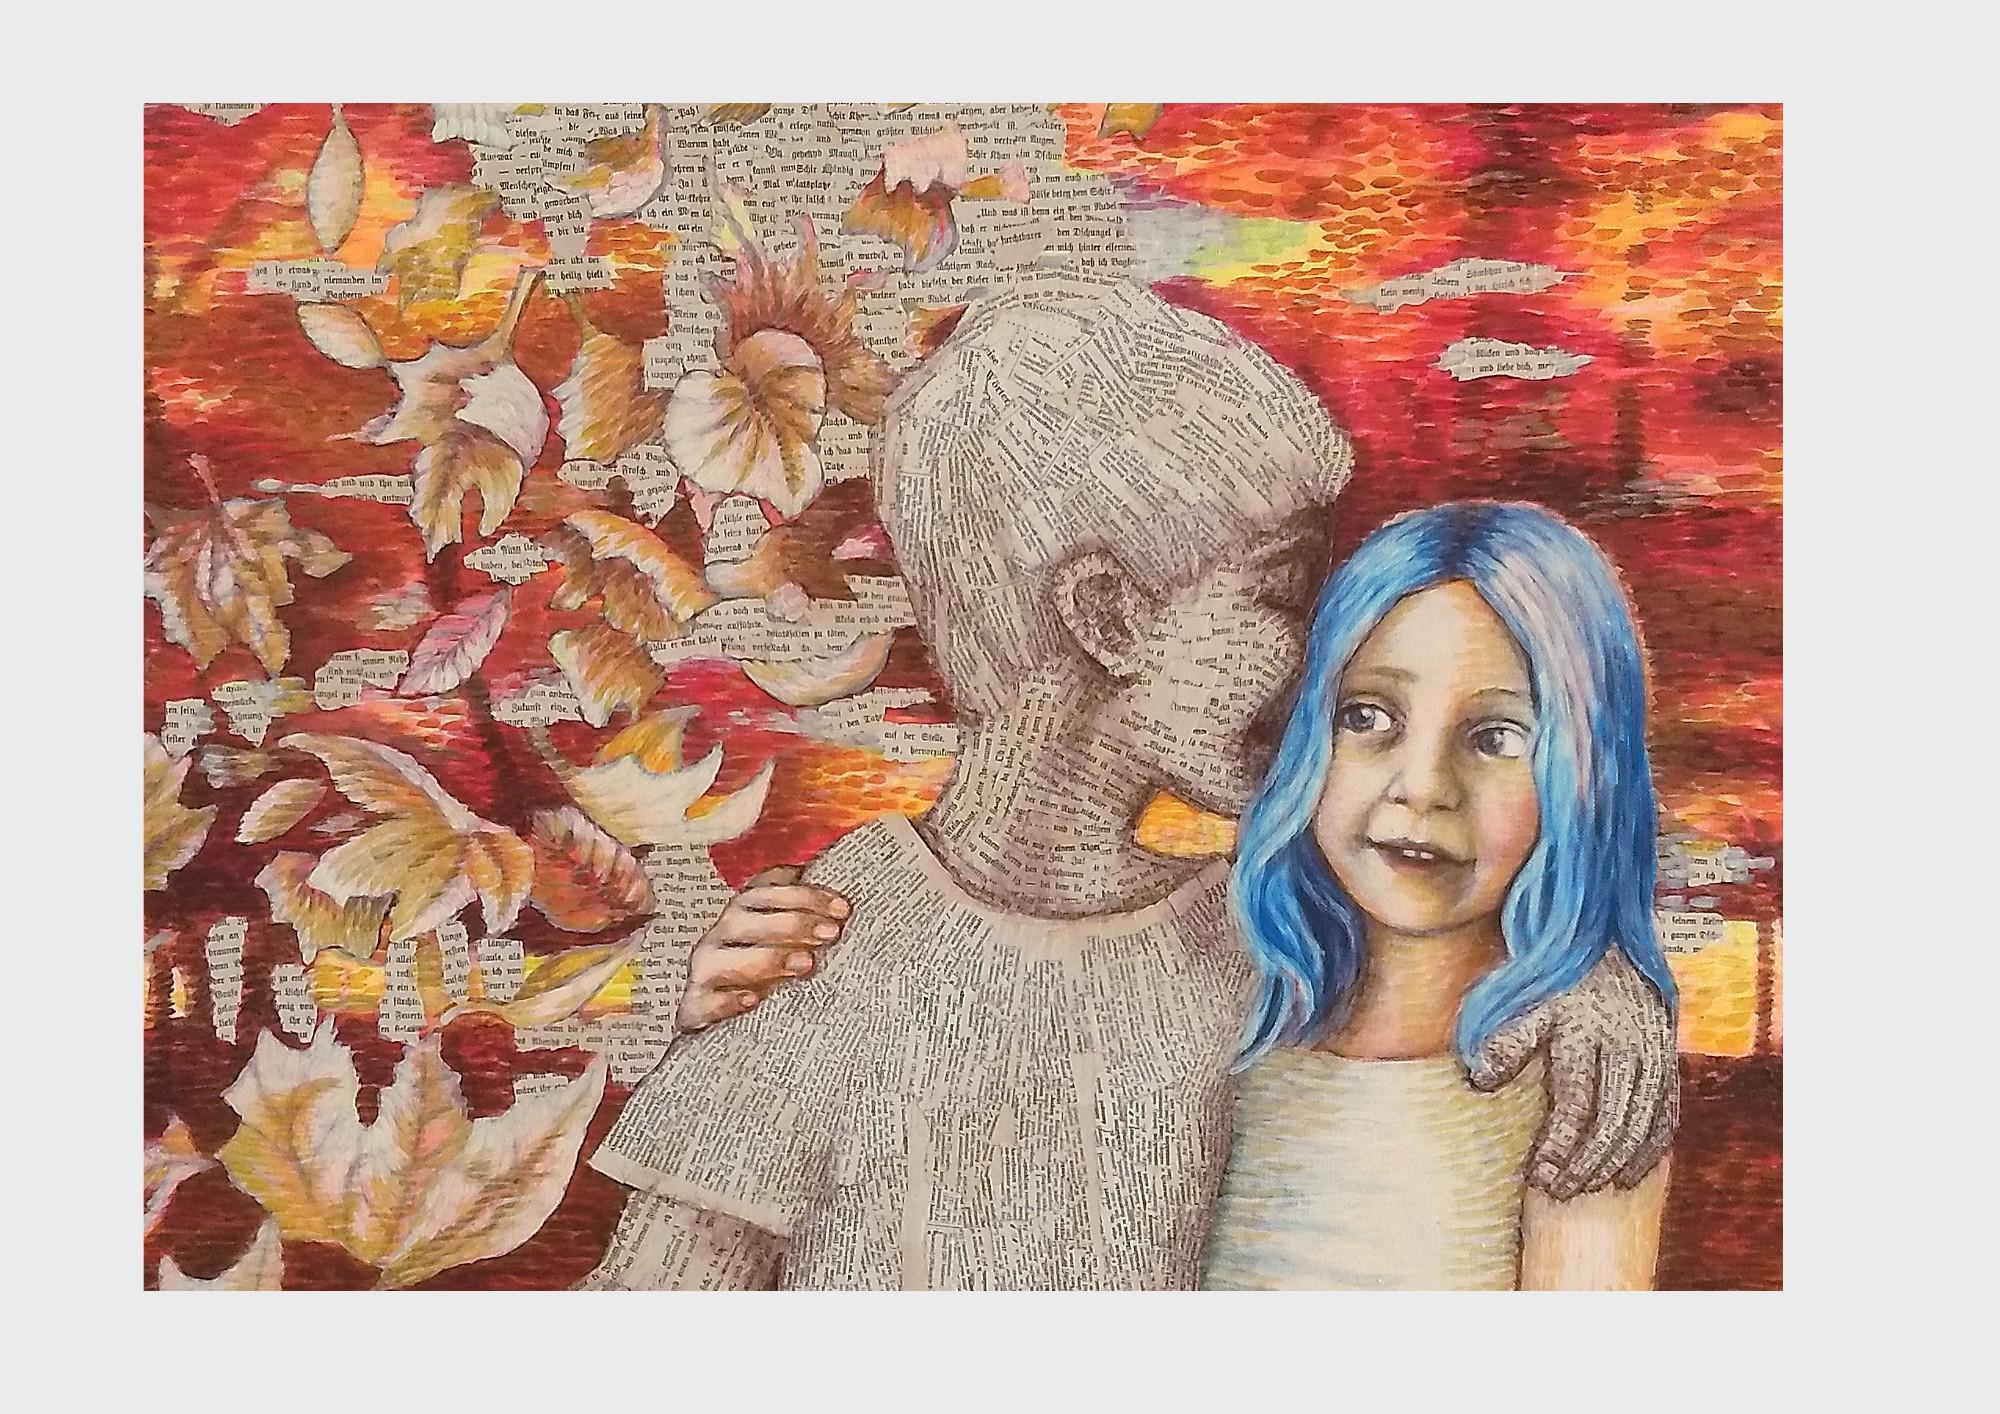 Ein Bild über Bücher und Worte: Collage aus Buchseiten mit Satzzeichen und Farbpunkten im Pointilismus Stil. Zwei Kinder im orange-roten Herbstwald, der Junge ist das Buch und flüstert dem Mädchen die Geschichte ins Ohr.